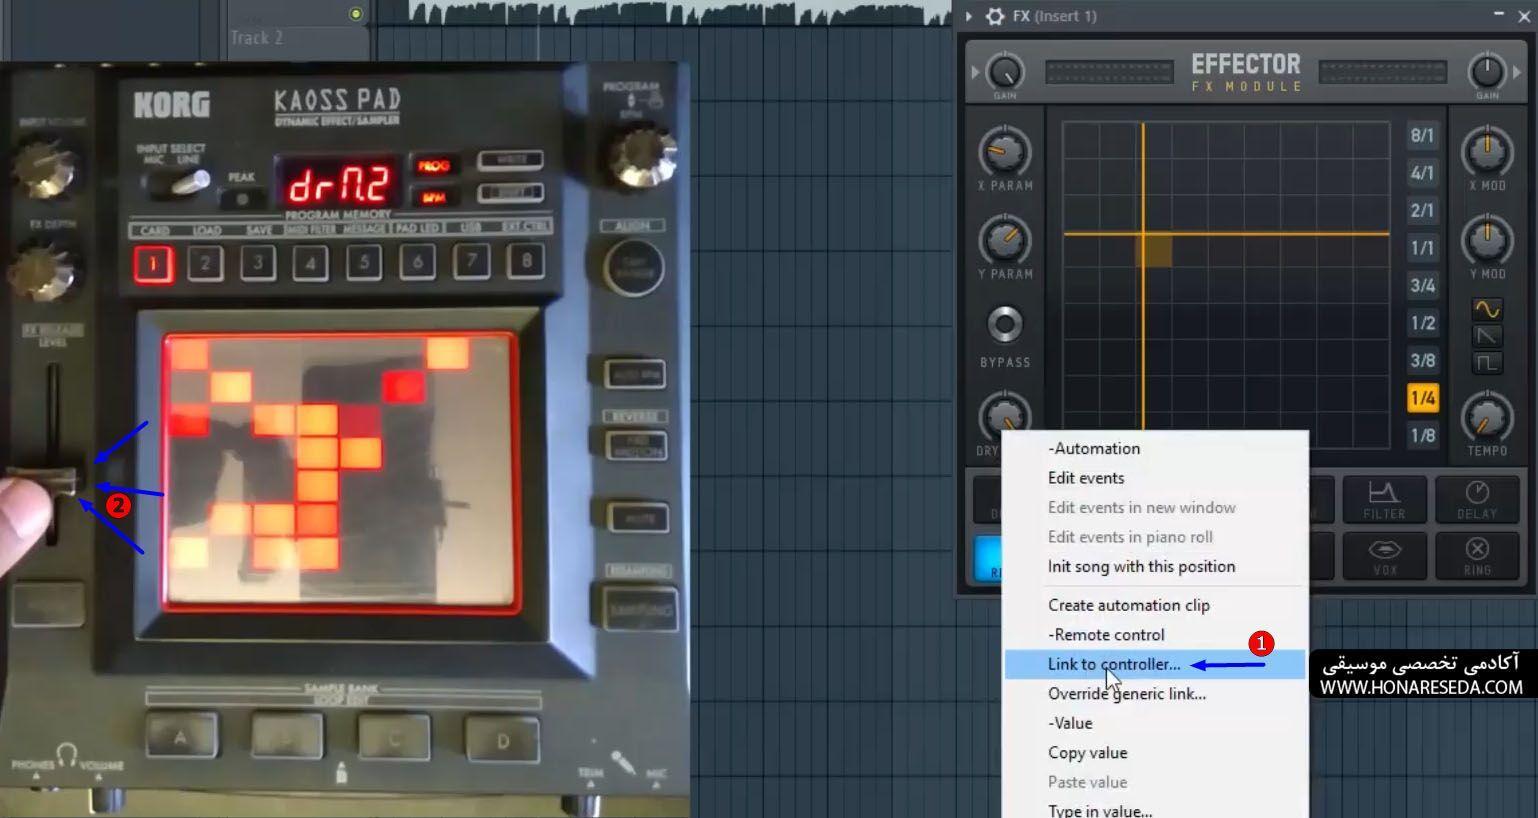 نحوه استفاده از افکتور کرگ در fl studio 10